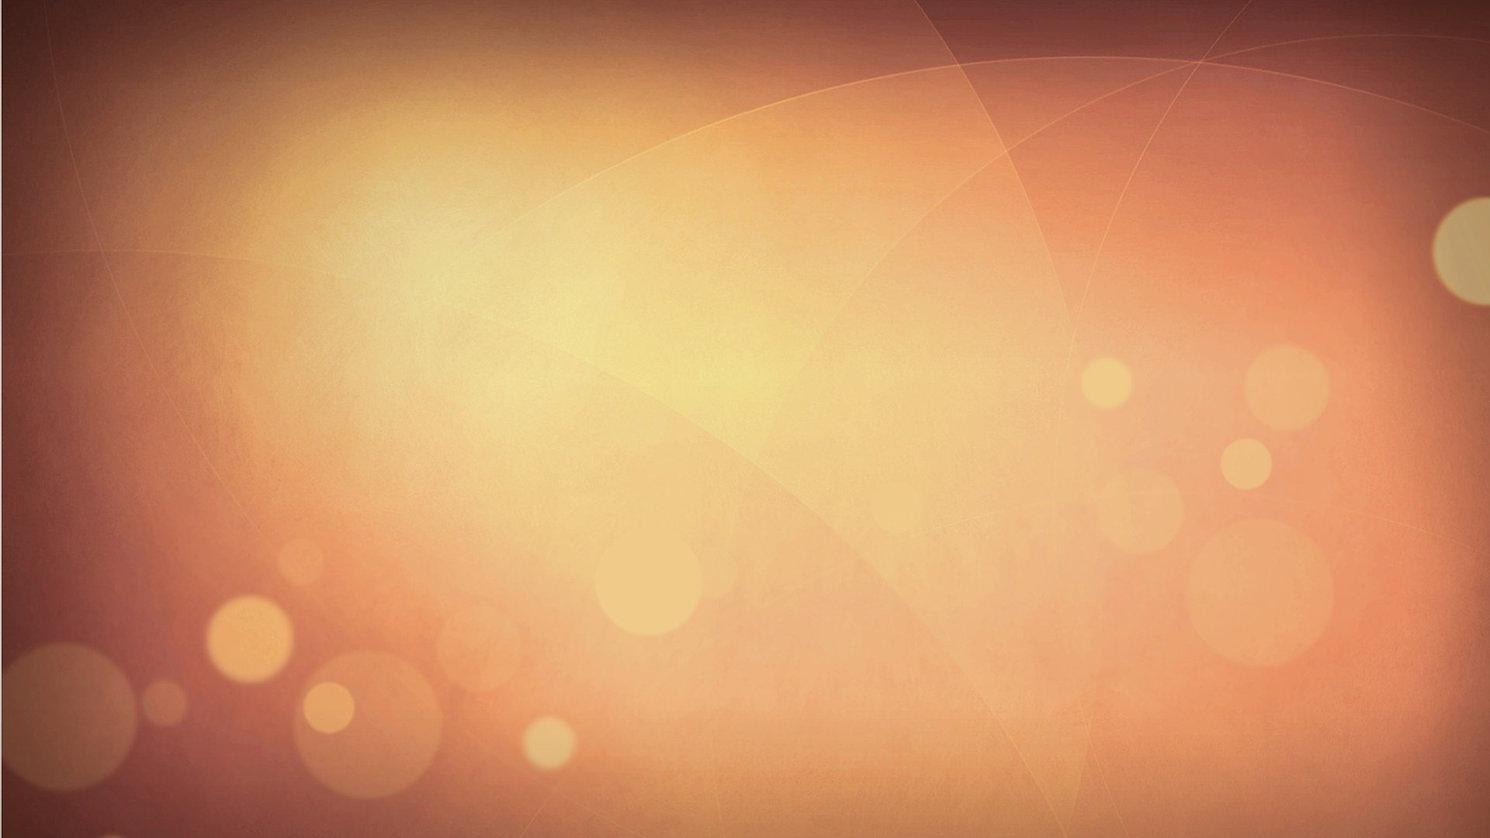 wallpaper-brand-ubuntu-wallpapers-linux-